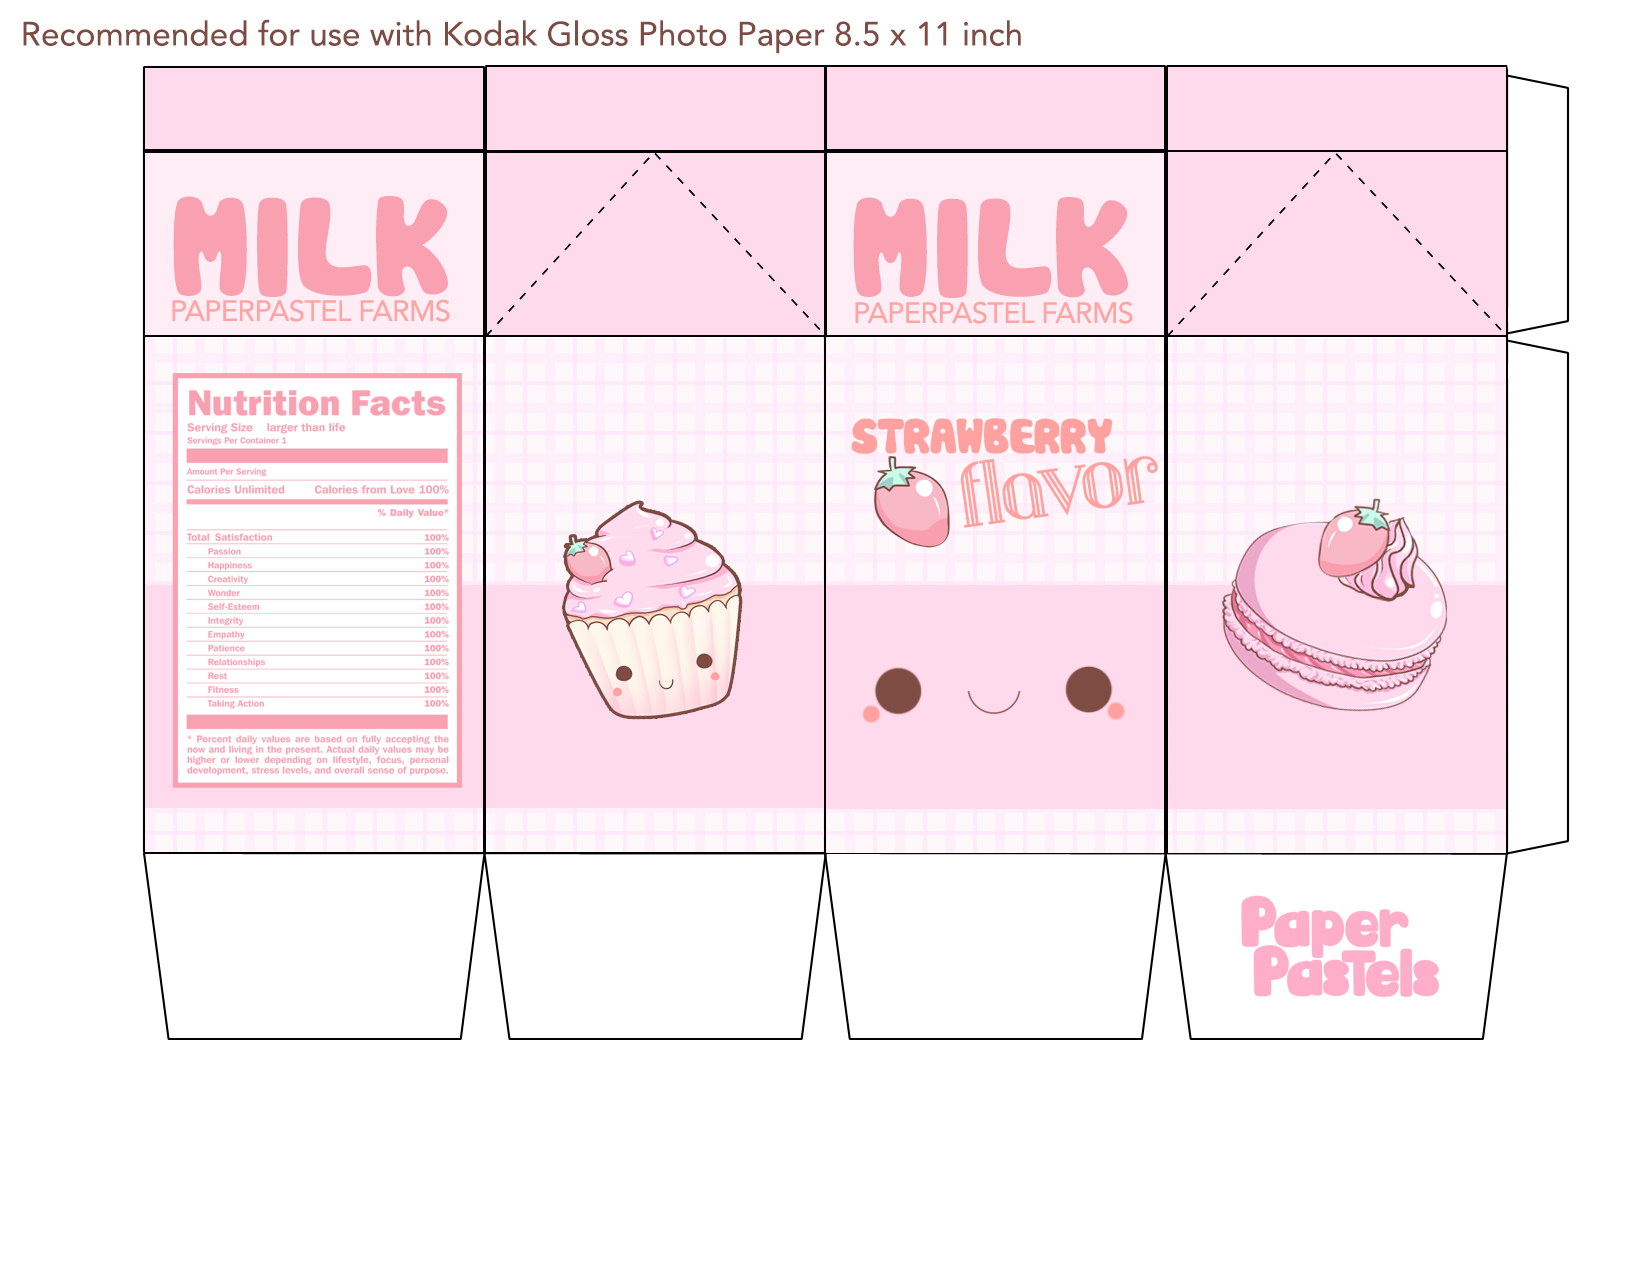 milk carton printable box - Google Search | Crafty for Kiddos ...